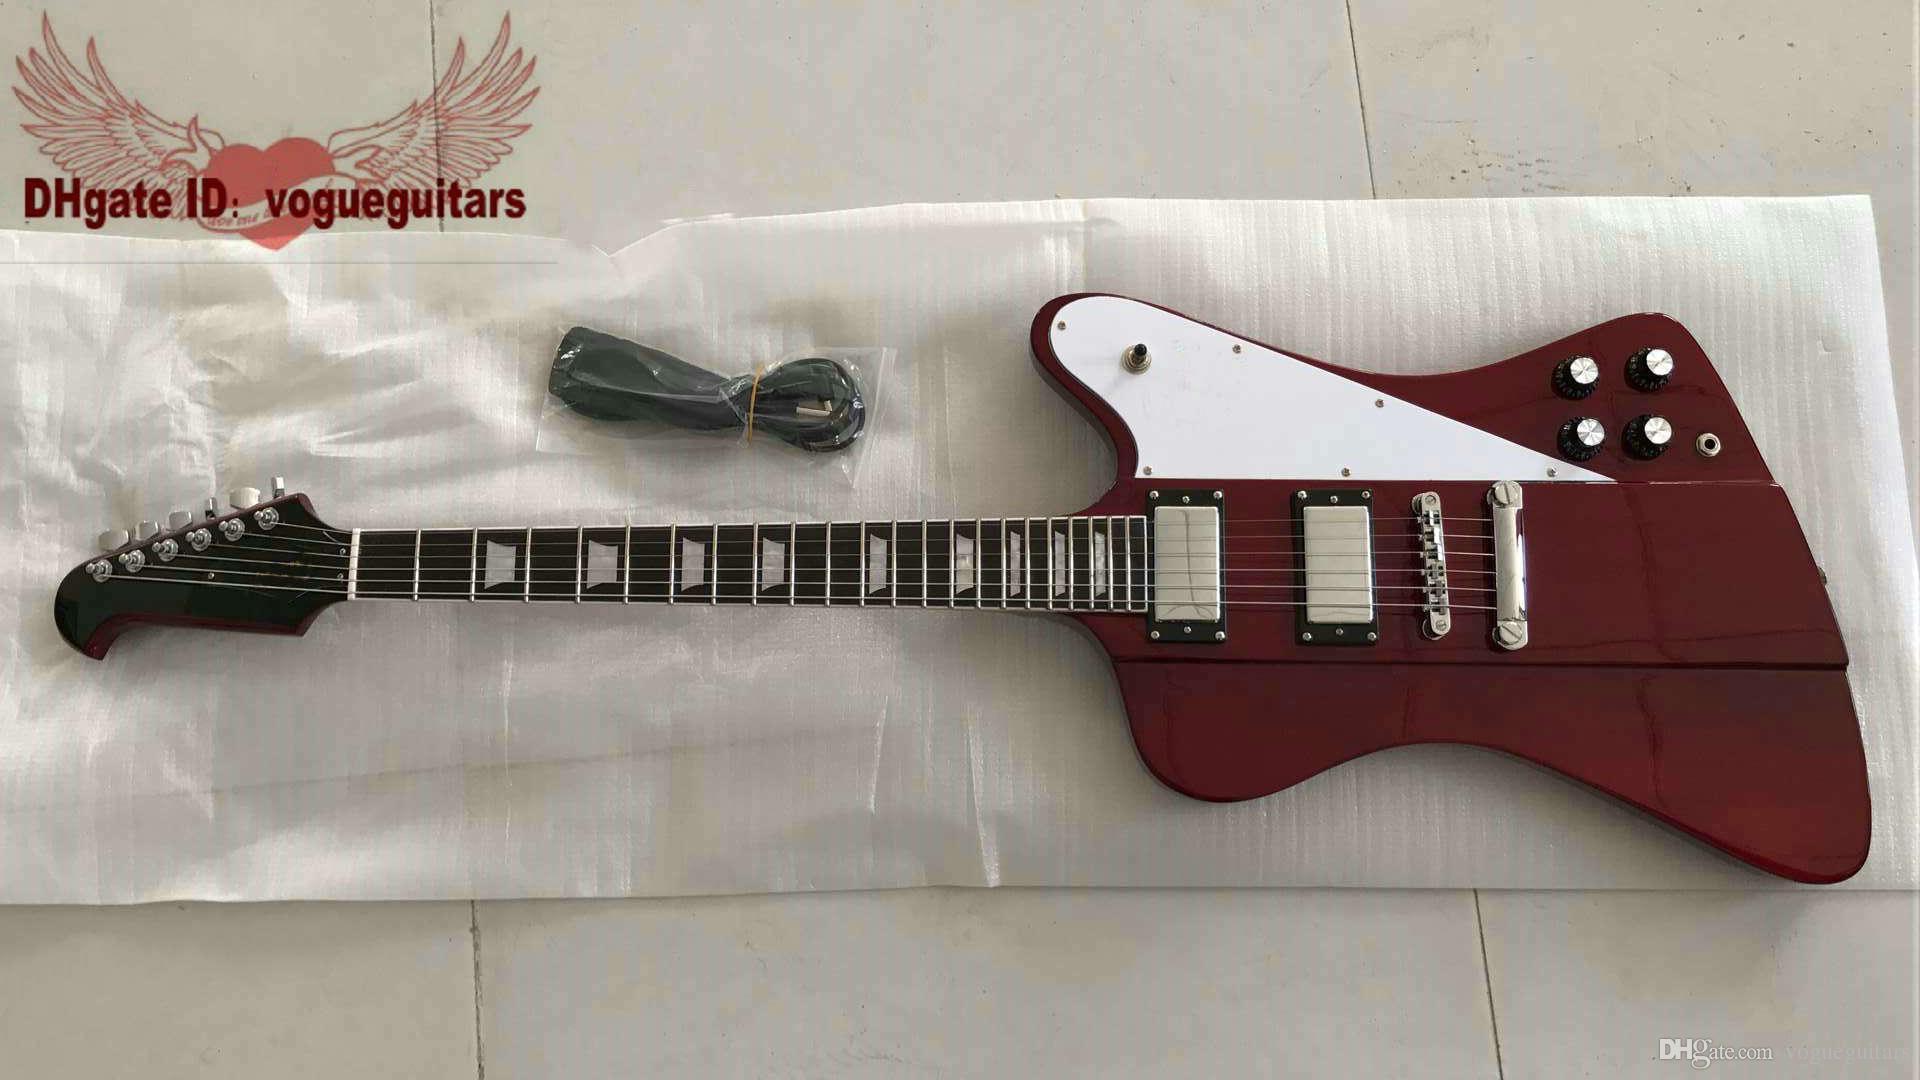 Özel Kırmızı Thunderbird 6 Strings Elektro Gitar Yüksek Kaliteli Müzik aletleri Yüksek Ucuz